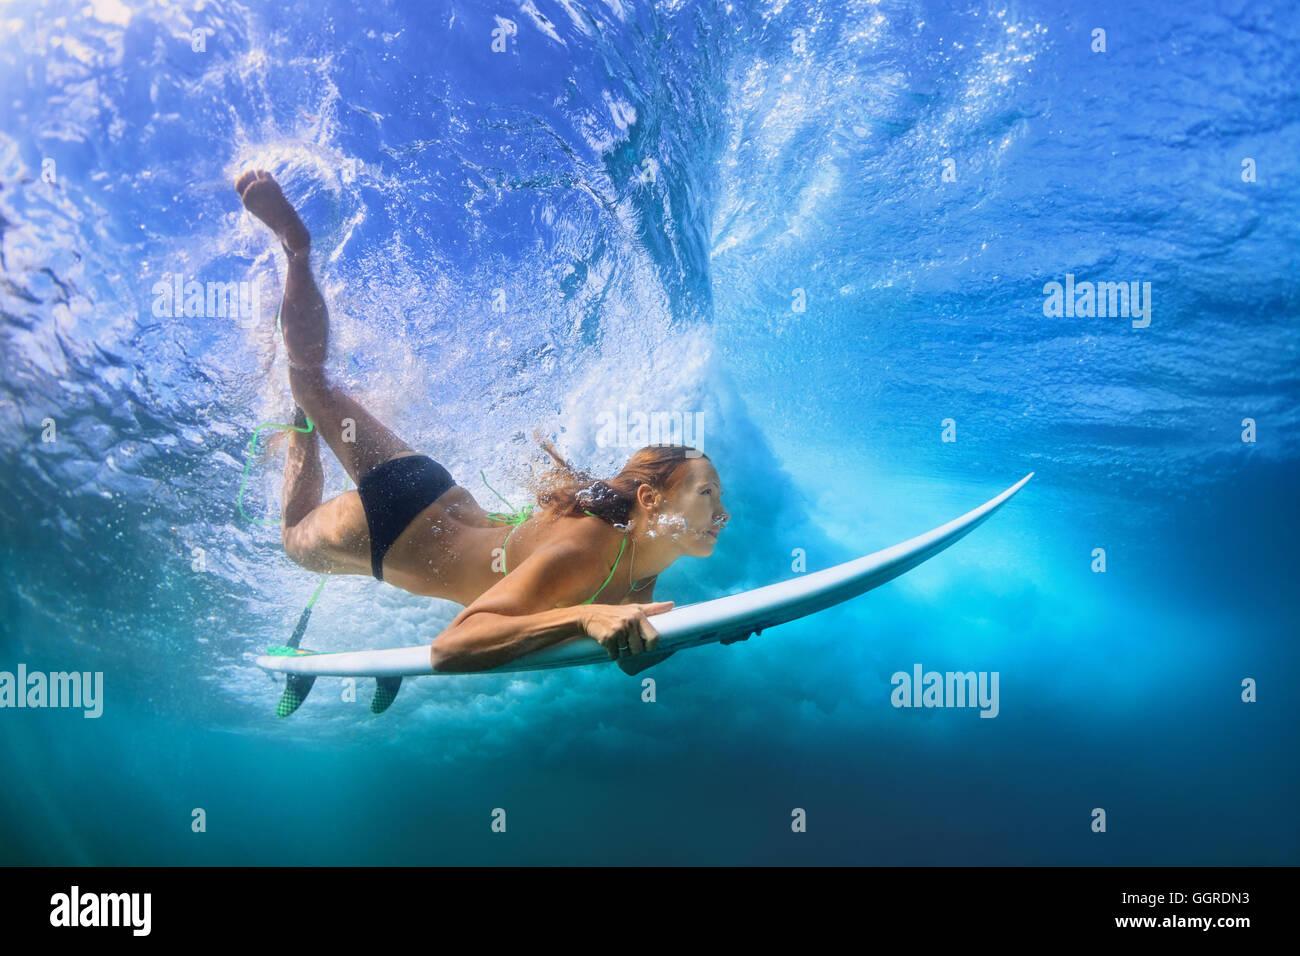 Jeune fille active in bikini en action - surfer avec planche de surf sous-marine Plongée en vertu de briser la houle Banque D'Images